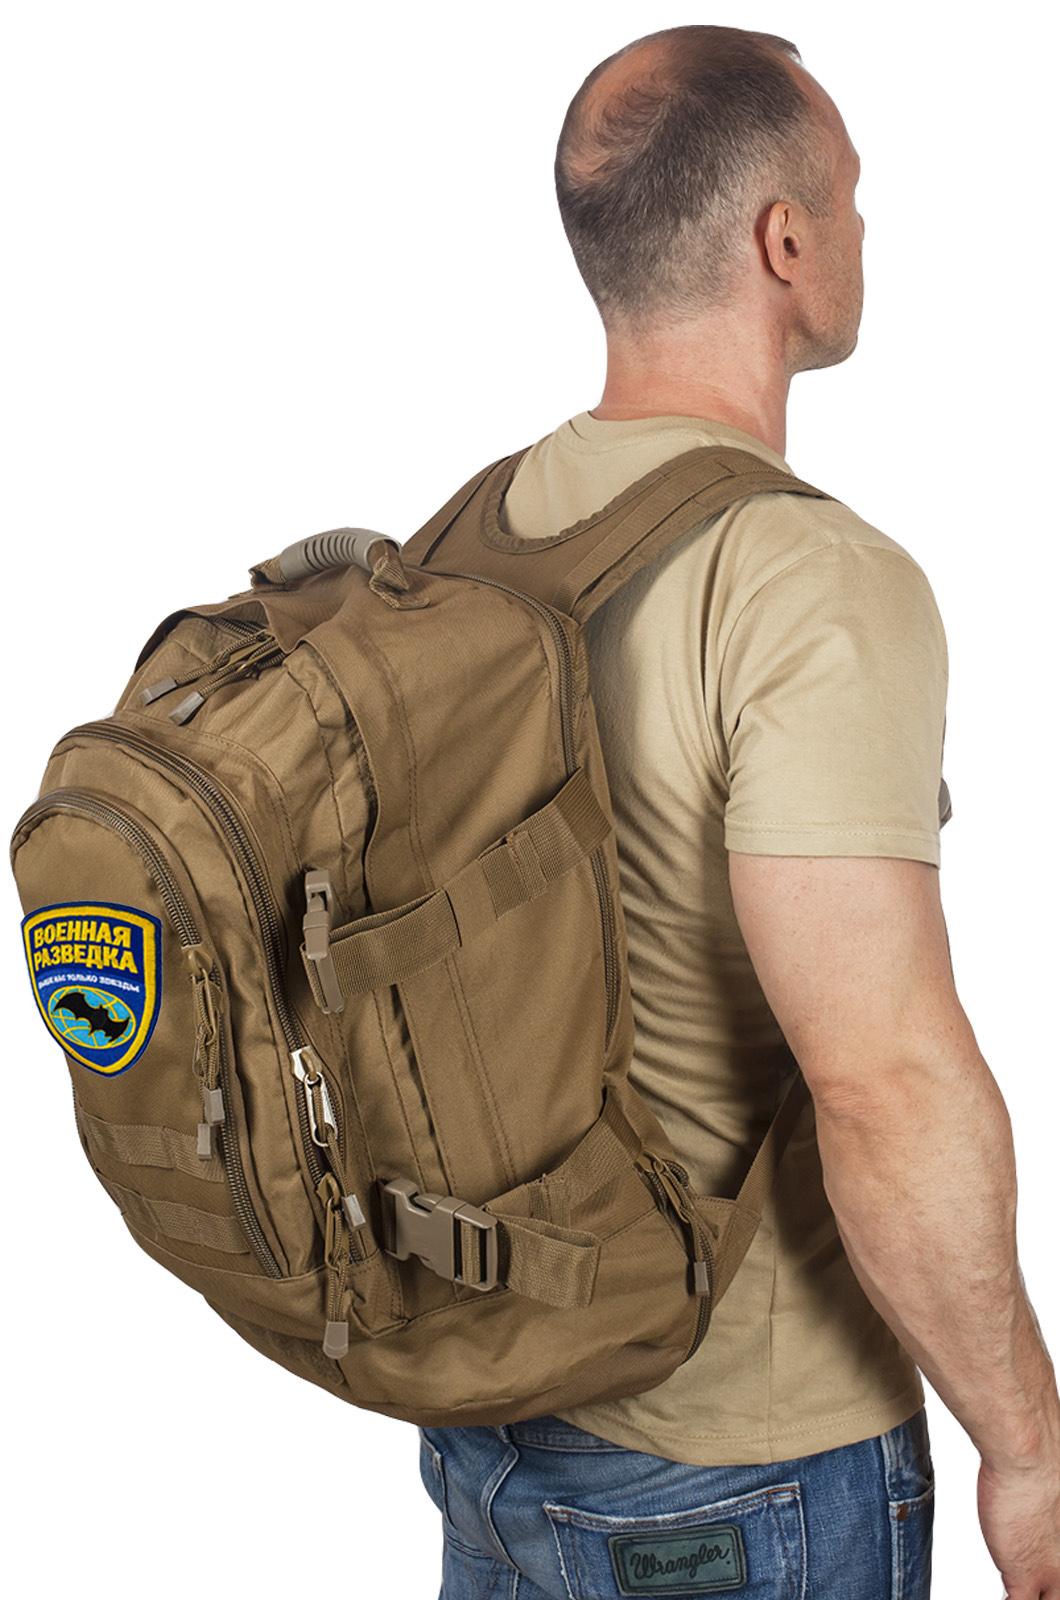 Купить маленький легкий тактический рюкзак